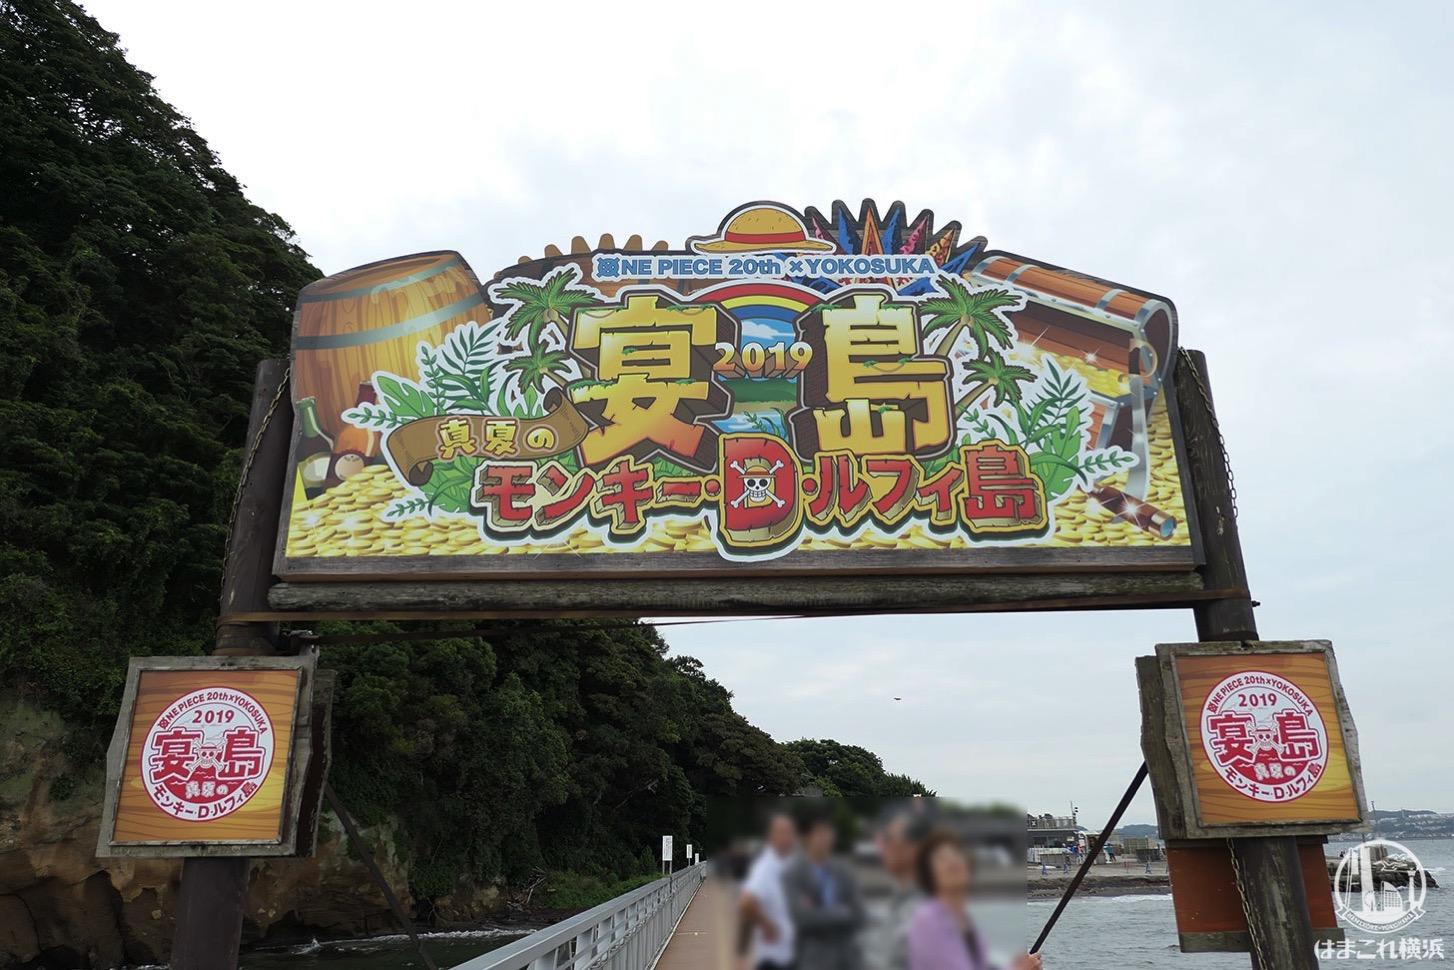 宴島(猿島)桟橋のワンピース